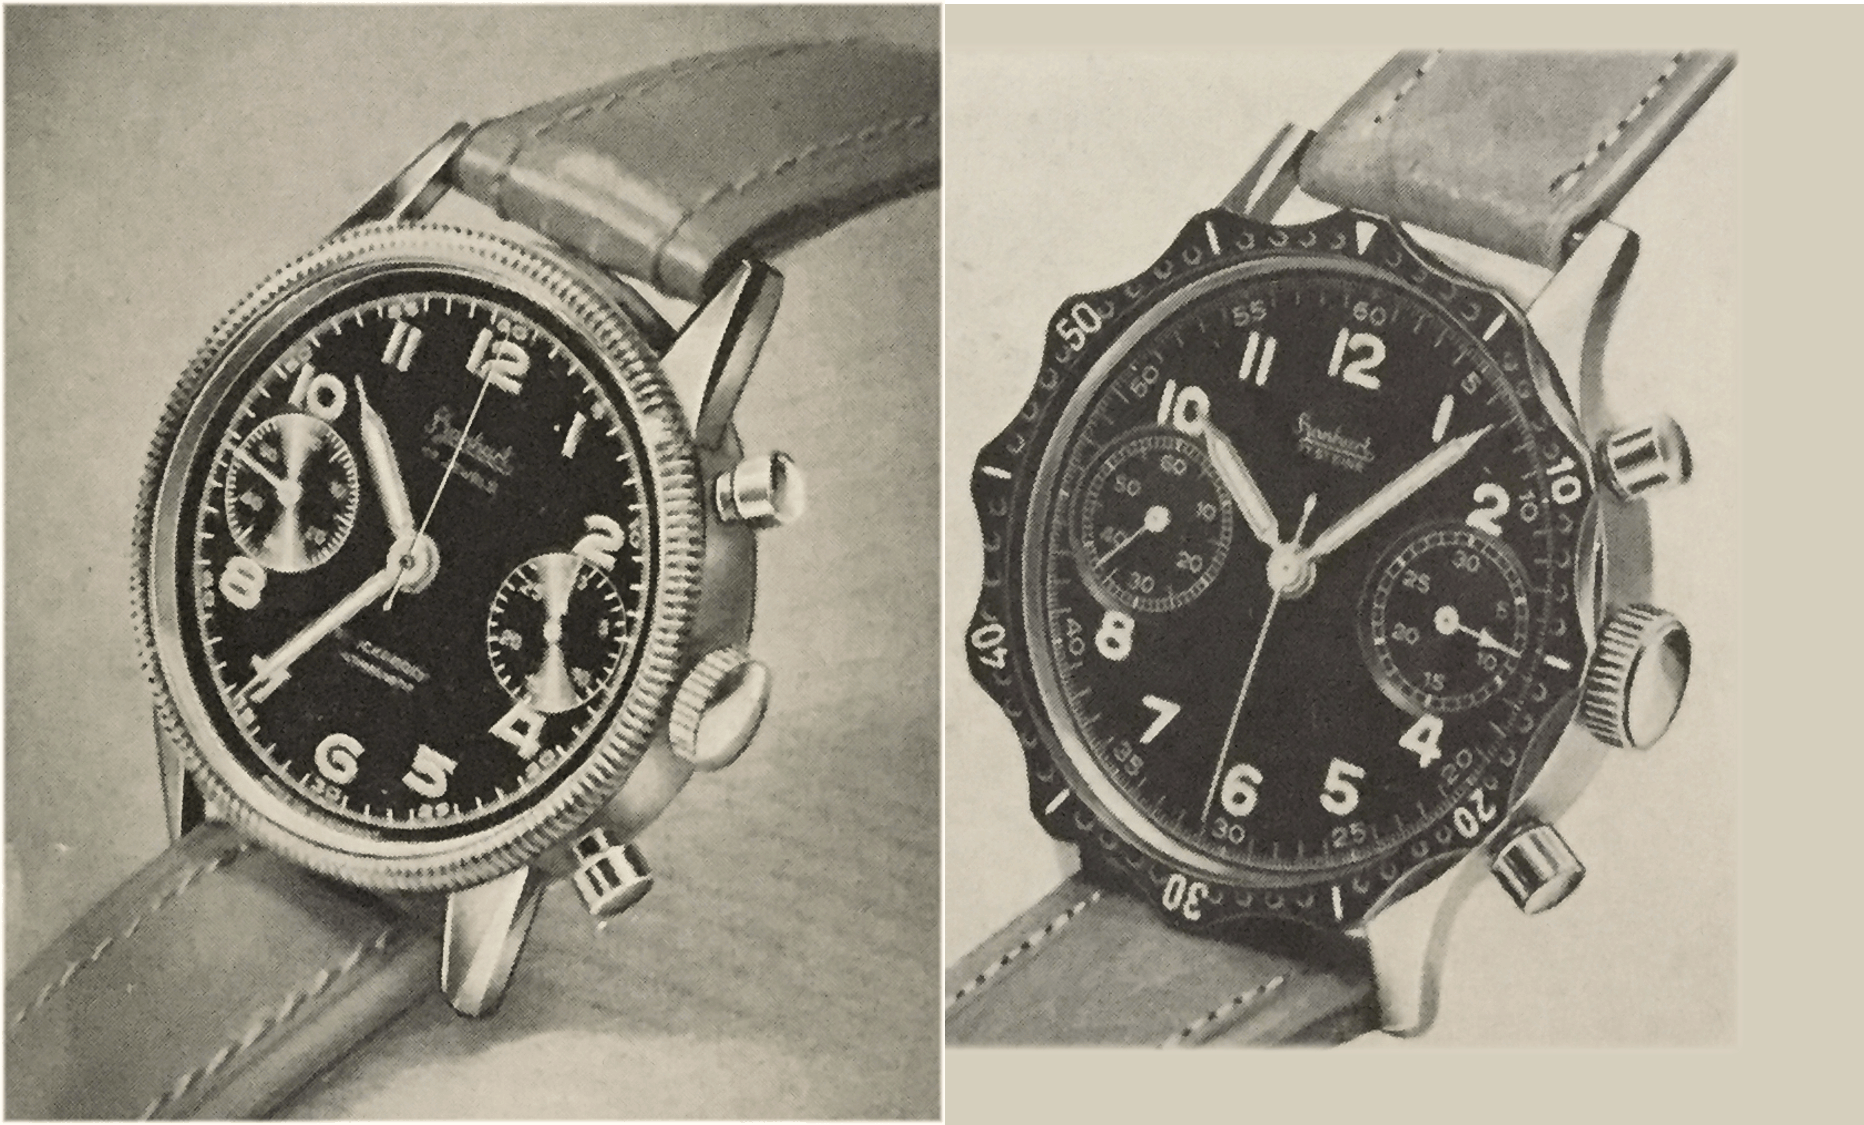 Hanhart Chronographen Modelle 417ES und 418 ES